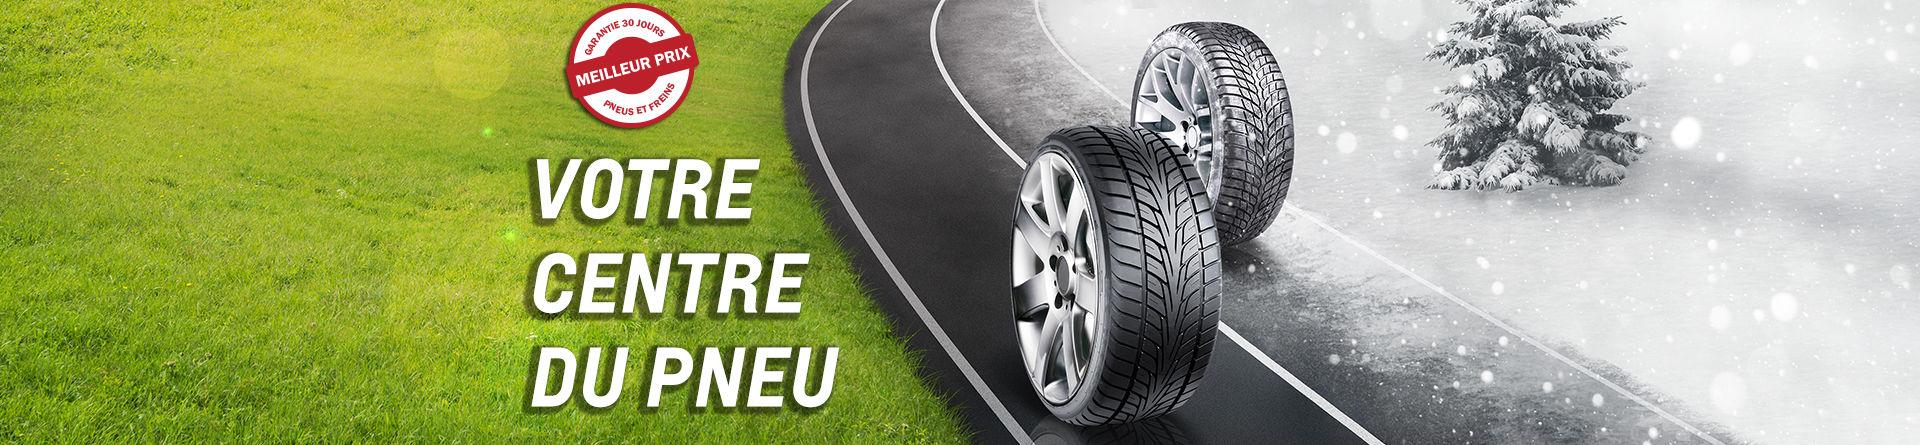 Votre centre de pneus